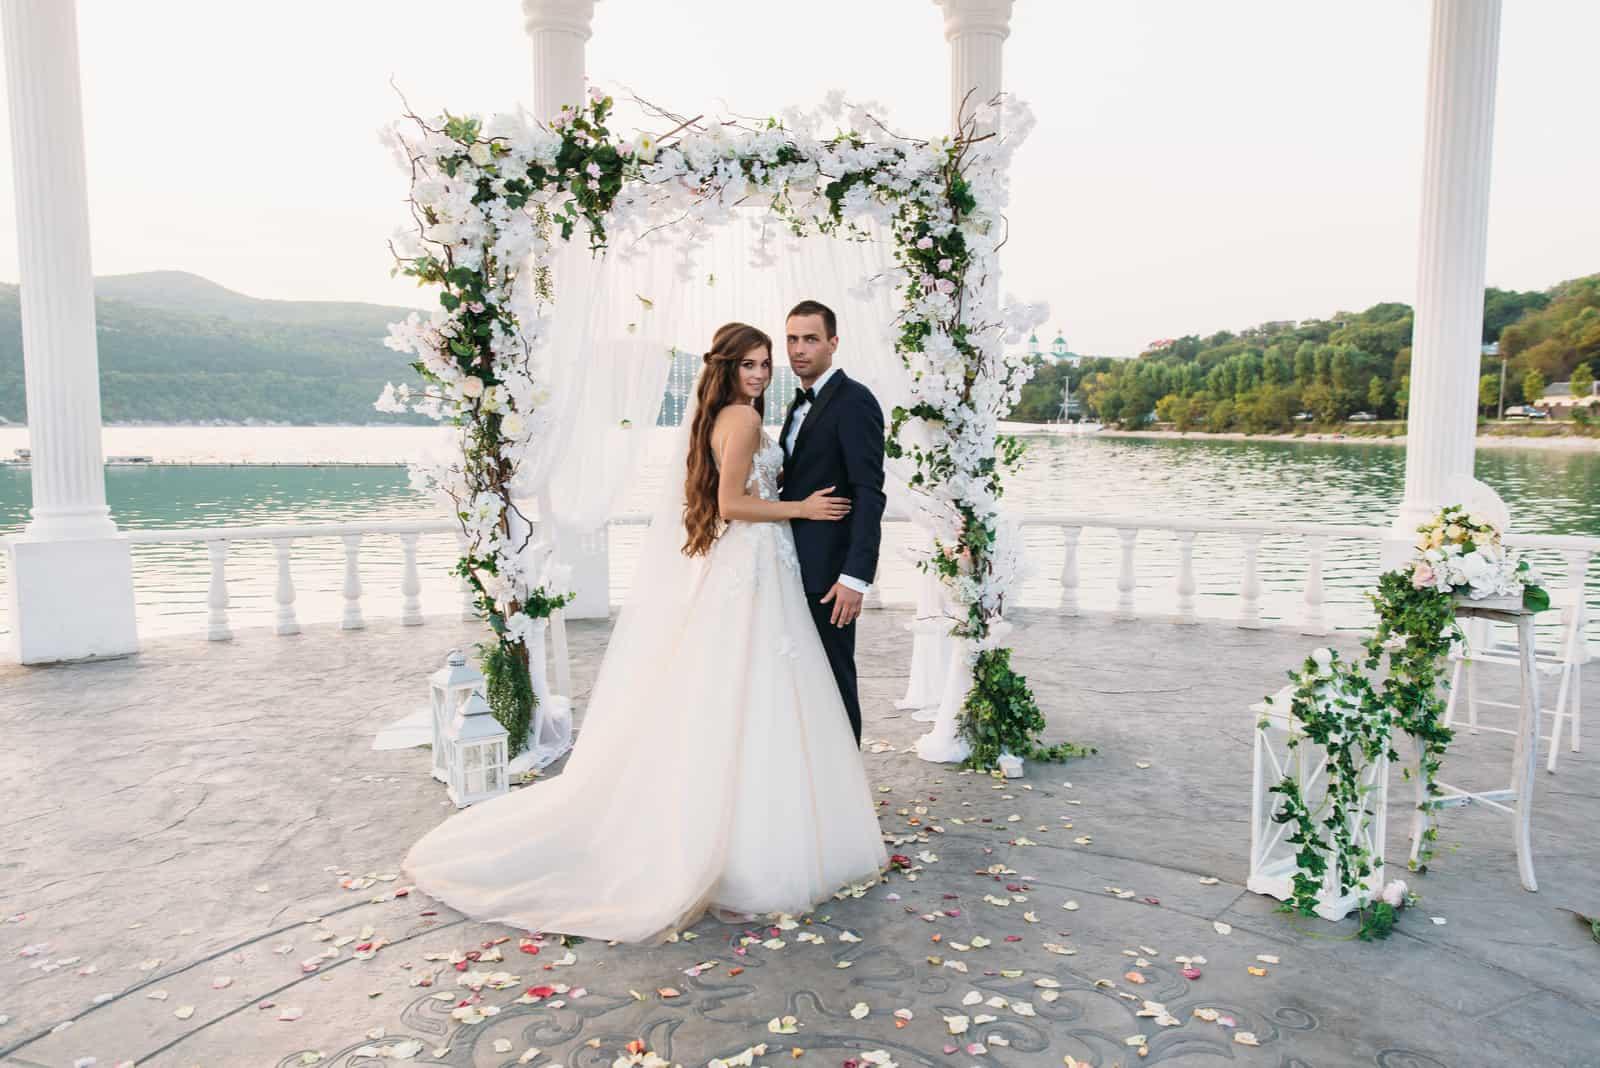 Attraktiver Bräutigam und Braut bei der Hochzeitszeremonie